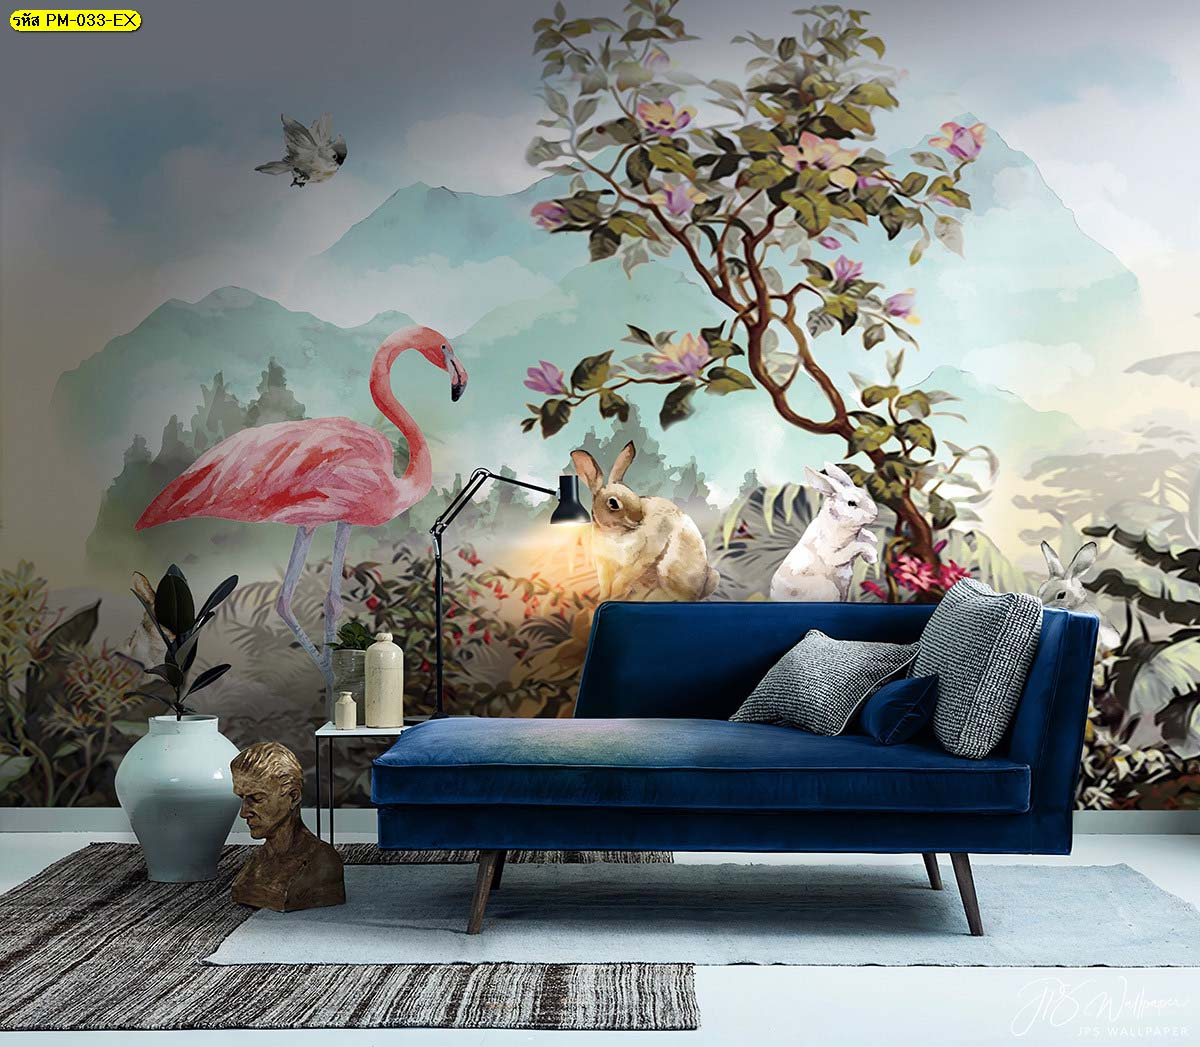 สีฟ้า เป็นสีที่สร้างความผ่อนคลายสบายใจ เหมาะนำมาแต่งห้องนั่งเล่นเป็นที่สุด